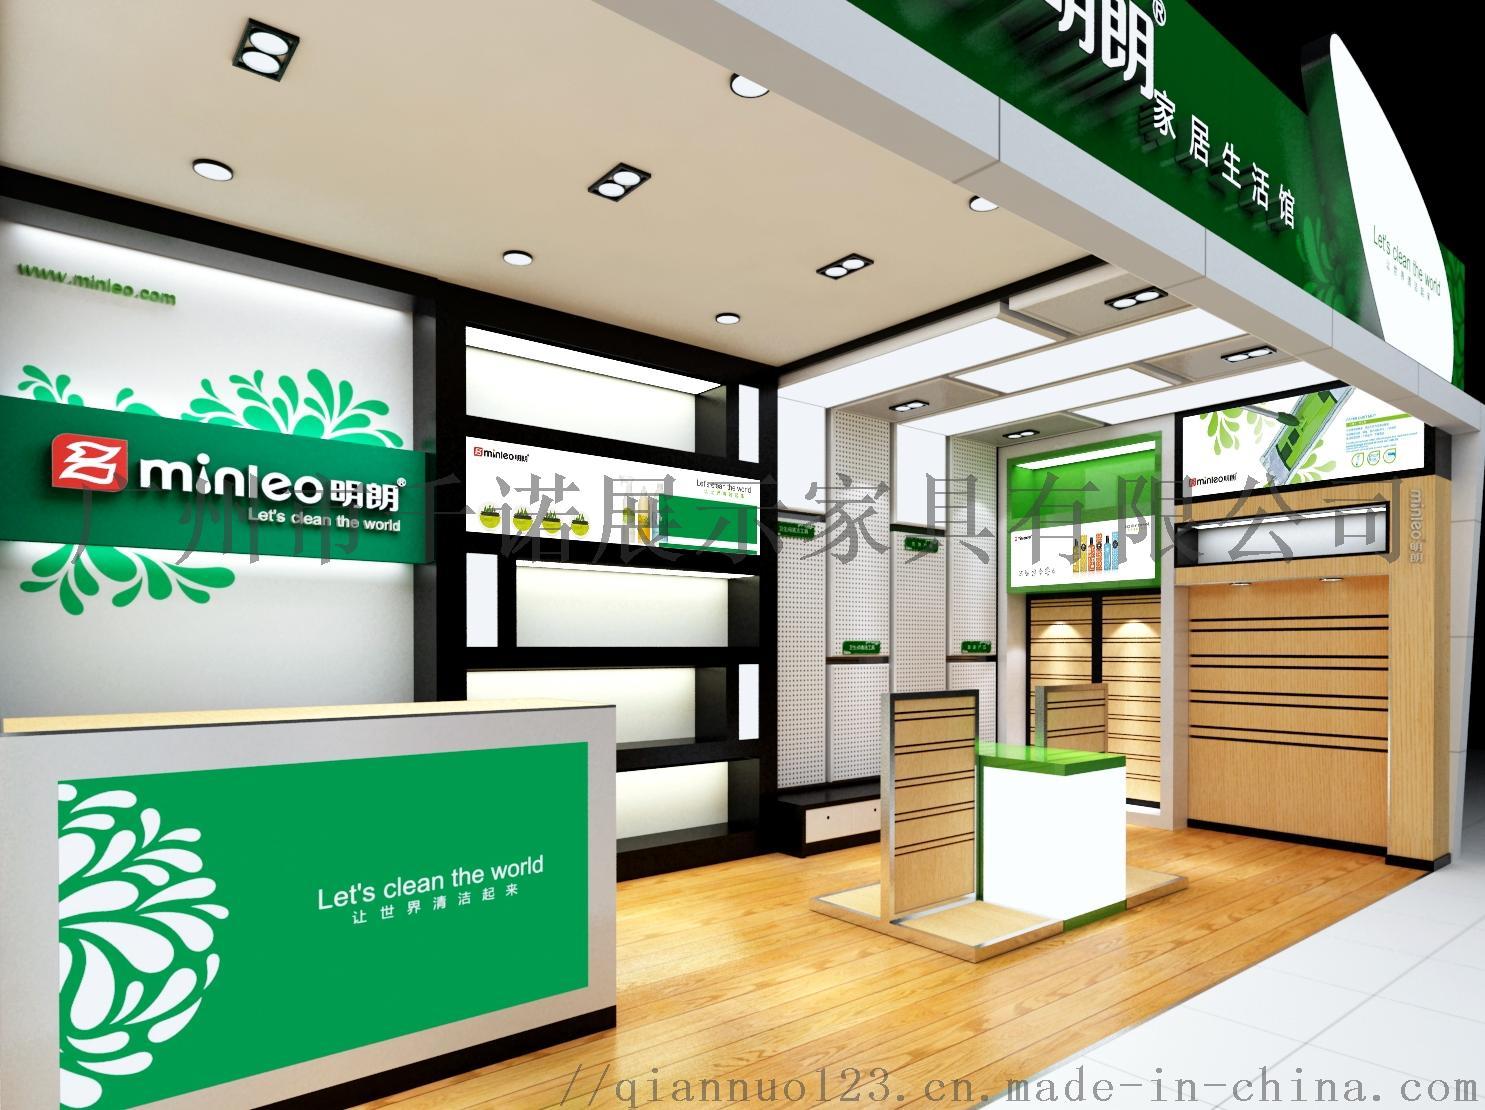 057專櫃式展示-綠色-003.jpg